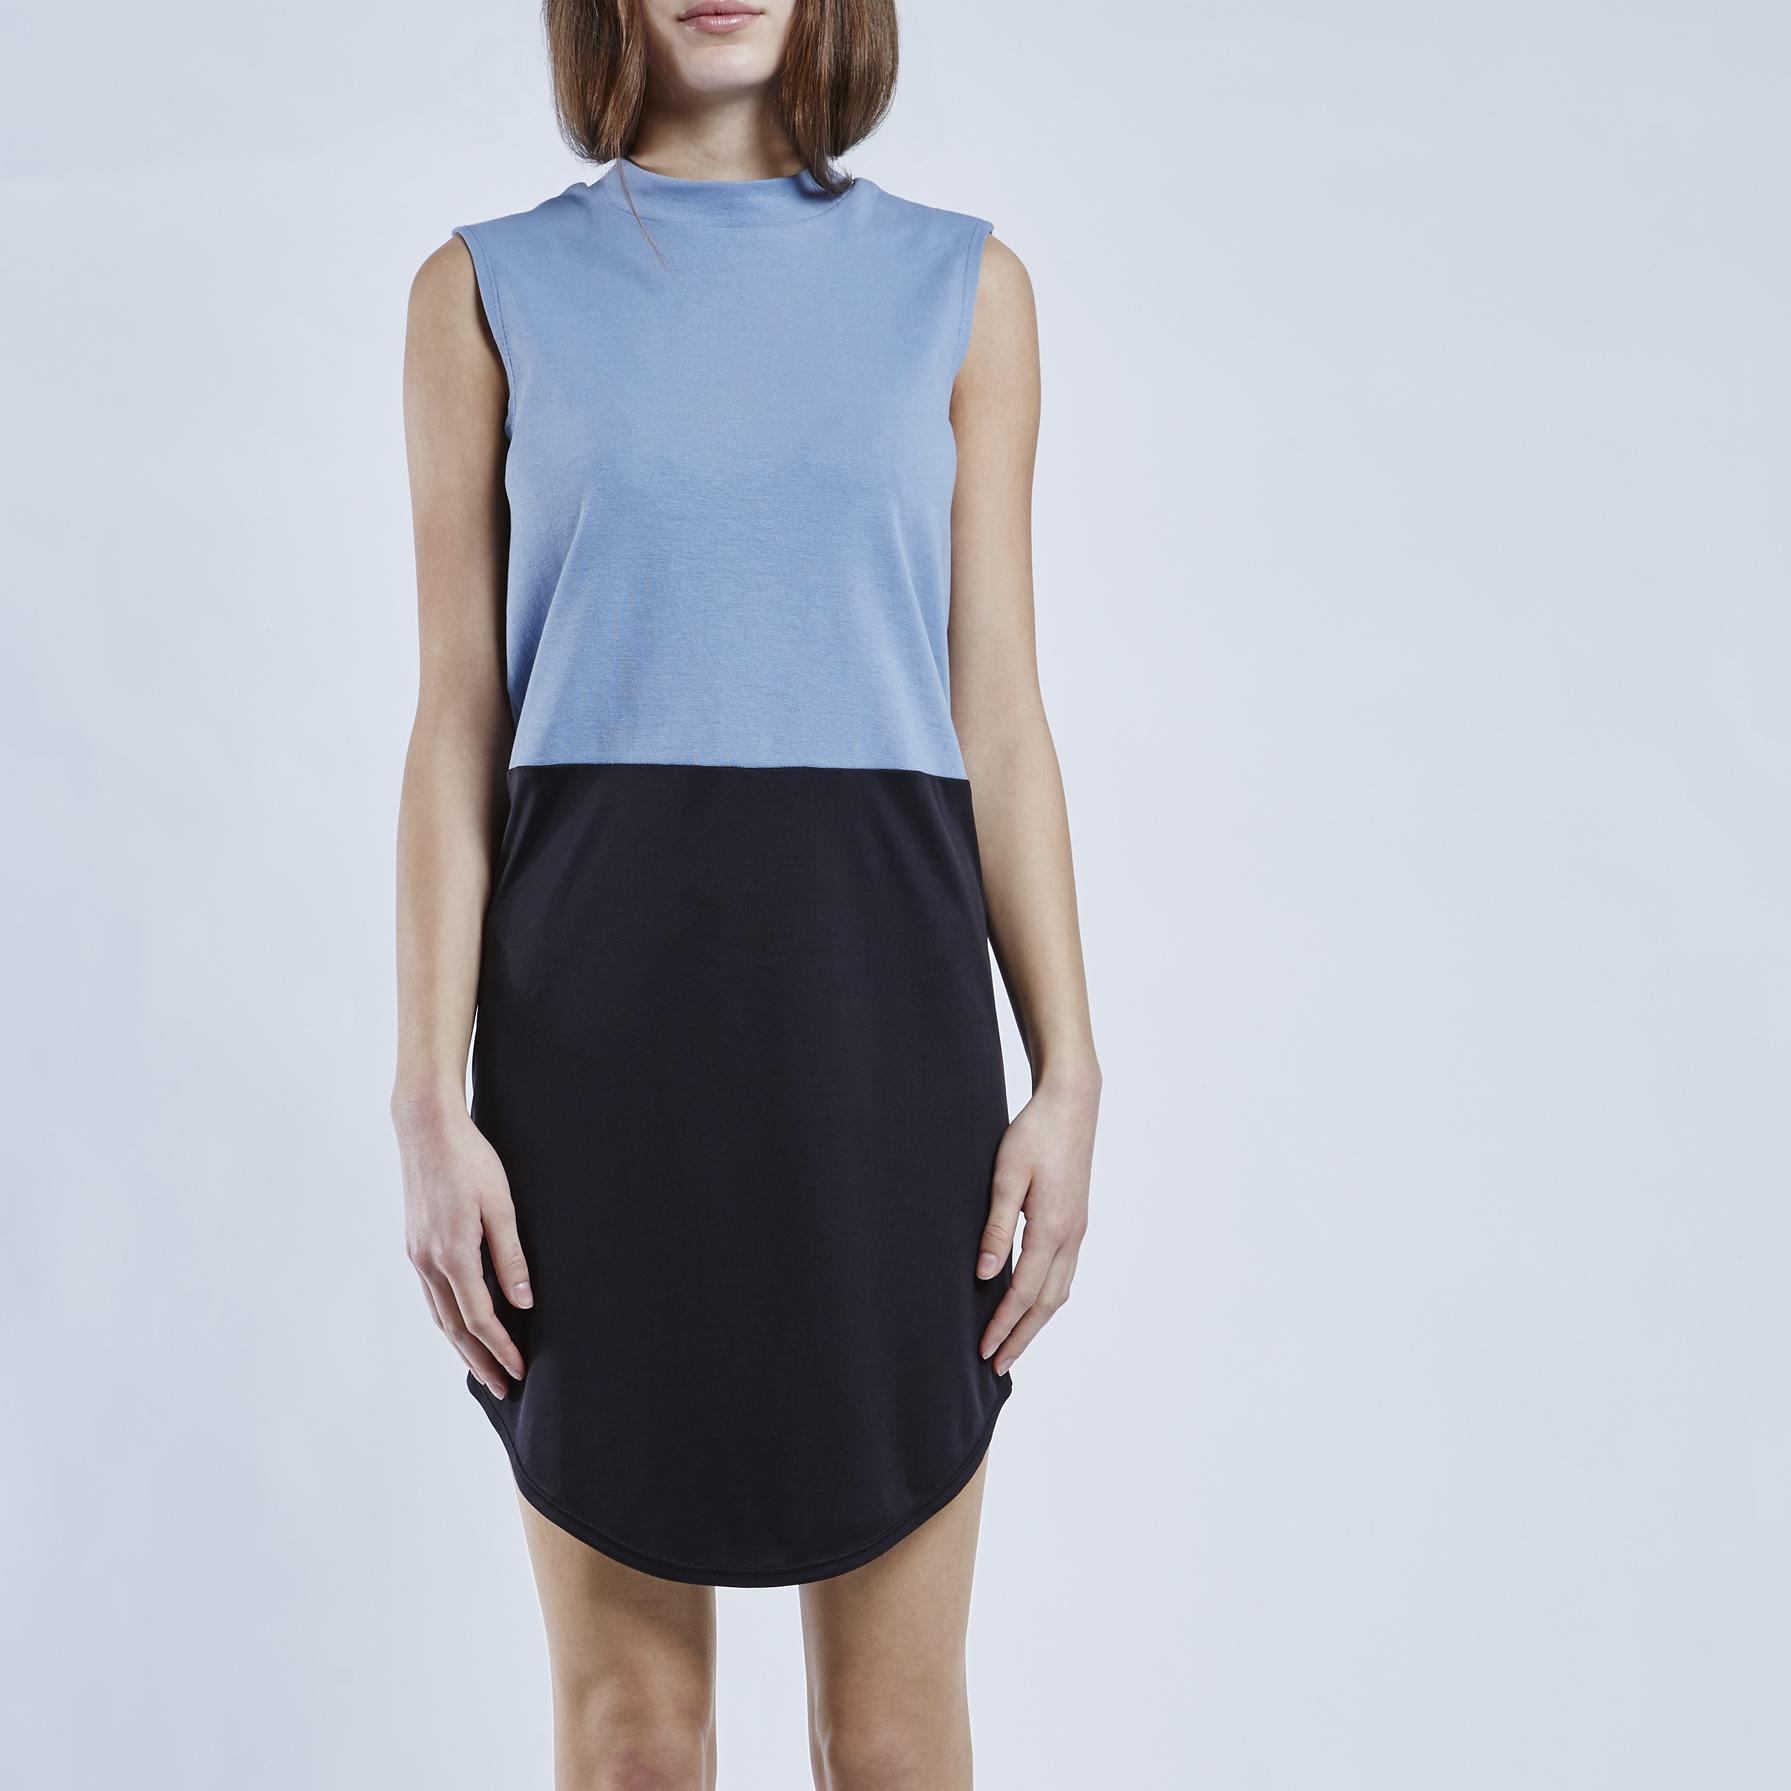 Kleid3_Vorne_AW1516